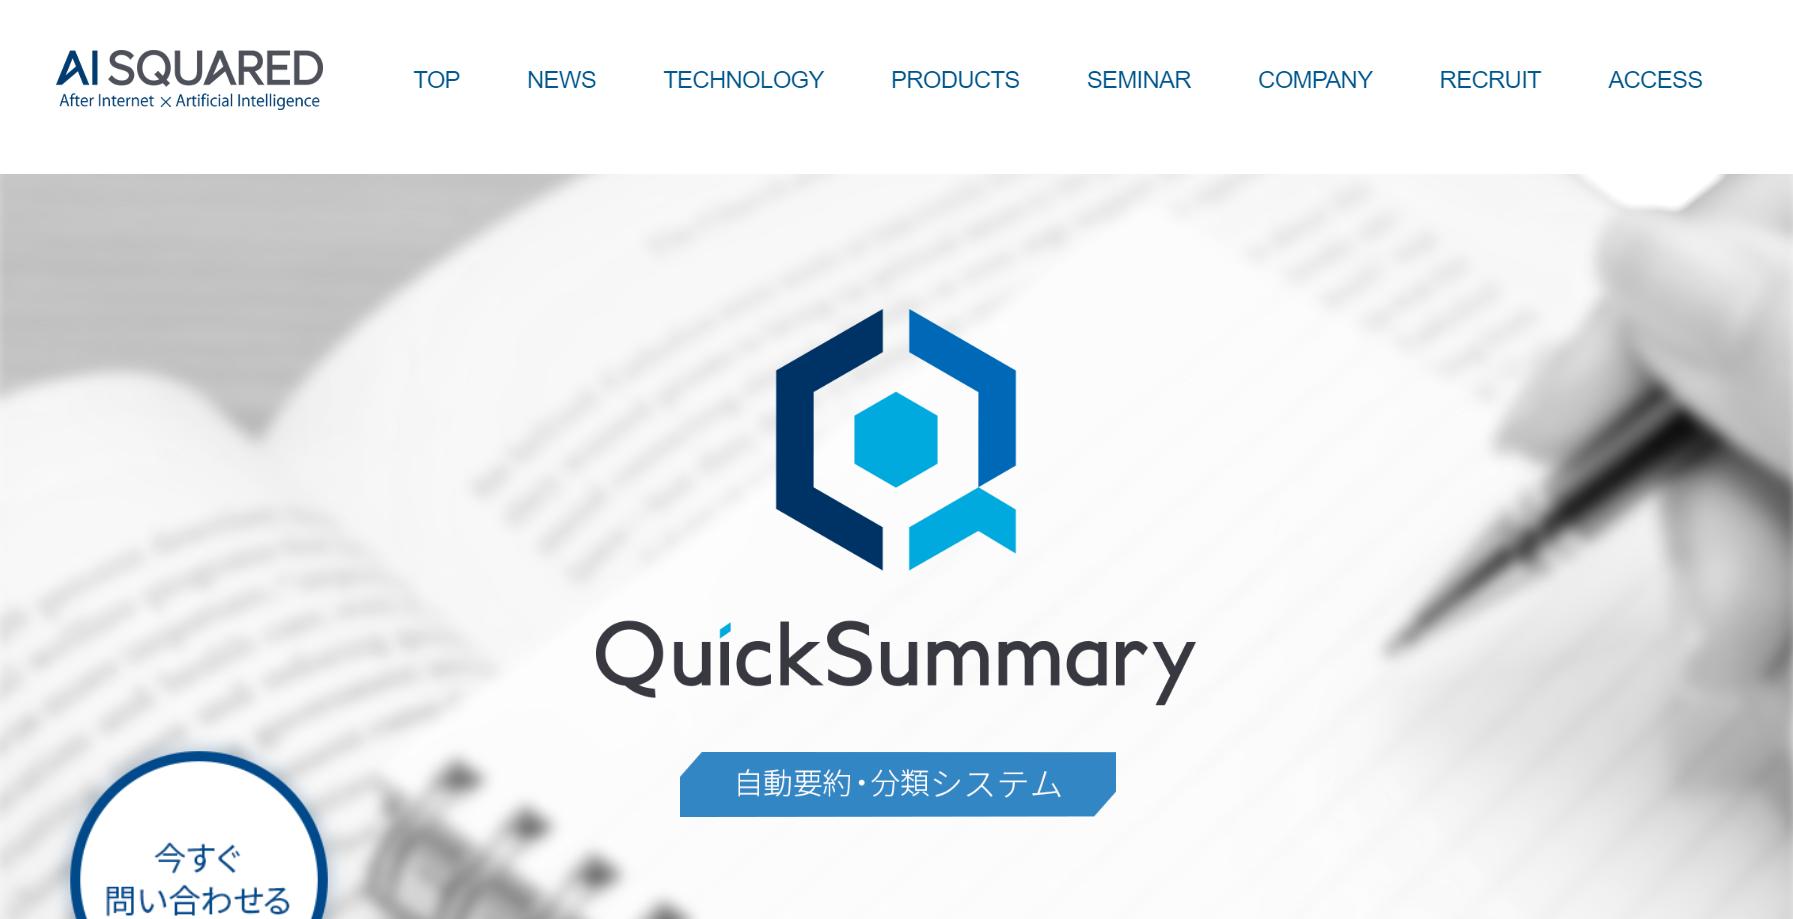 QuickSummary